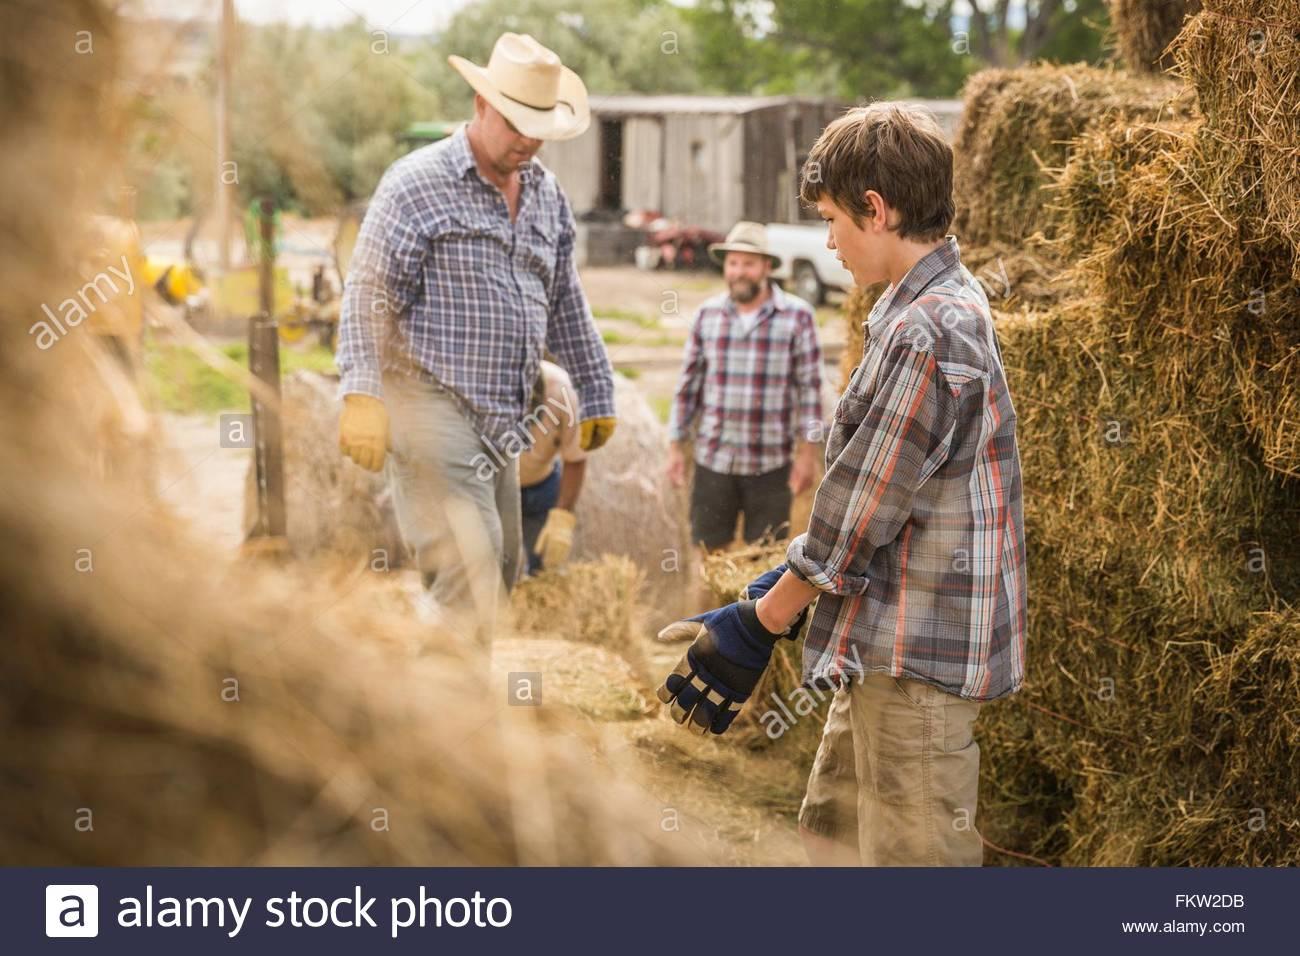 Hommes matures et garçon sur les balles de foin en mouvement Photo Stock